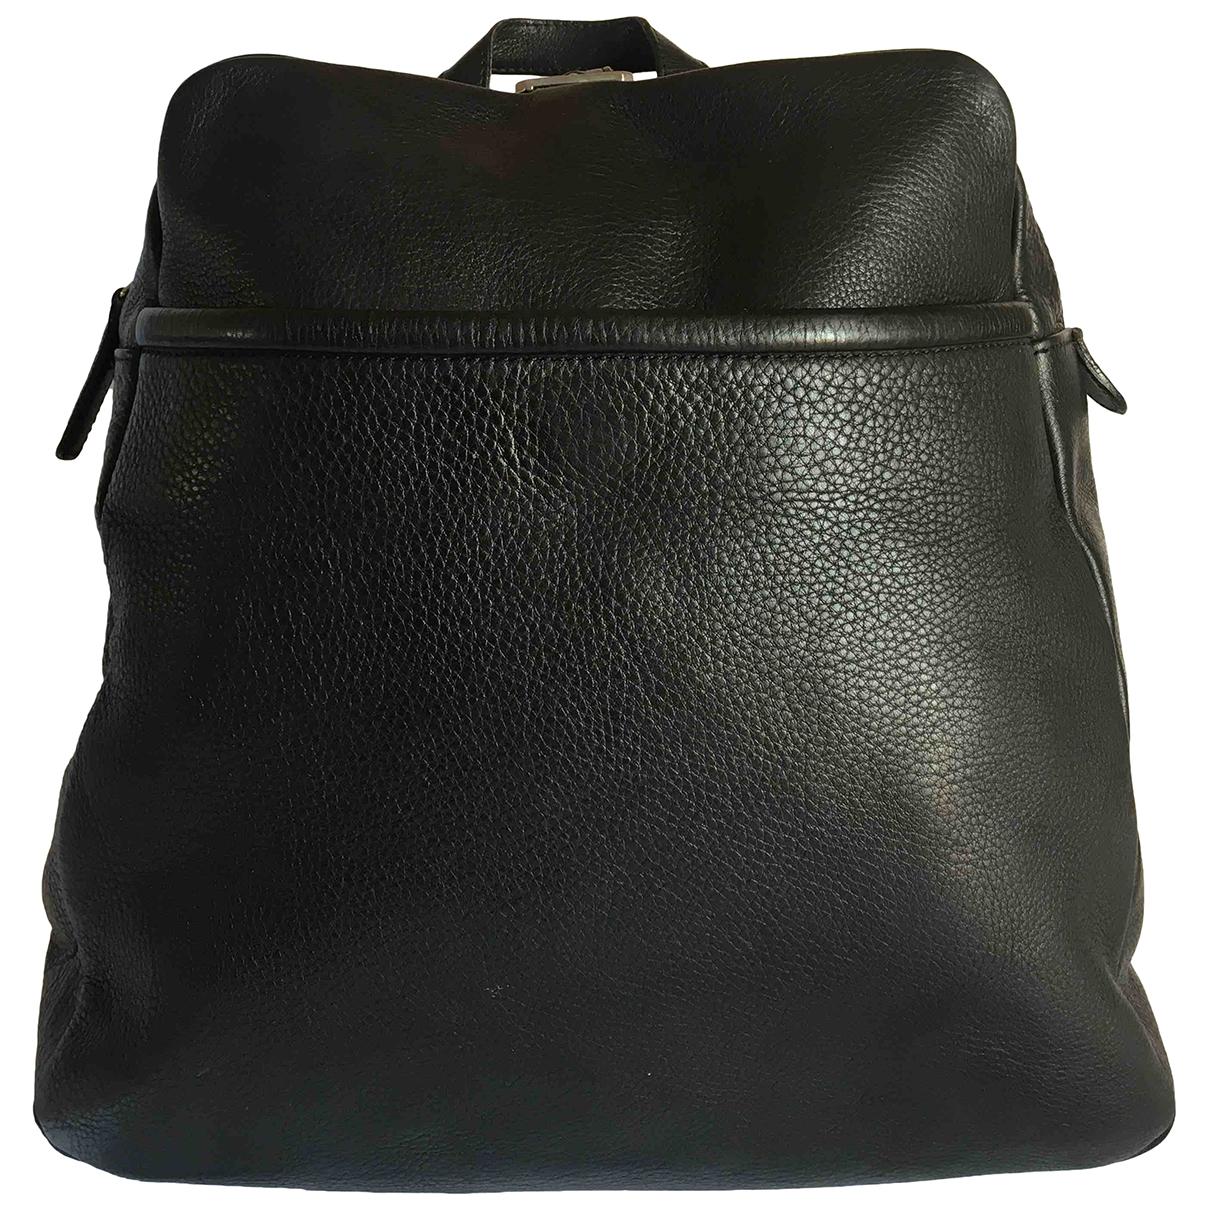 Bally - Sac a dos   pour femme en cuir - noir